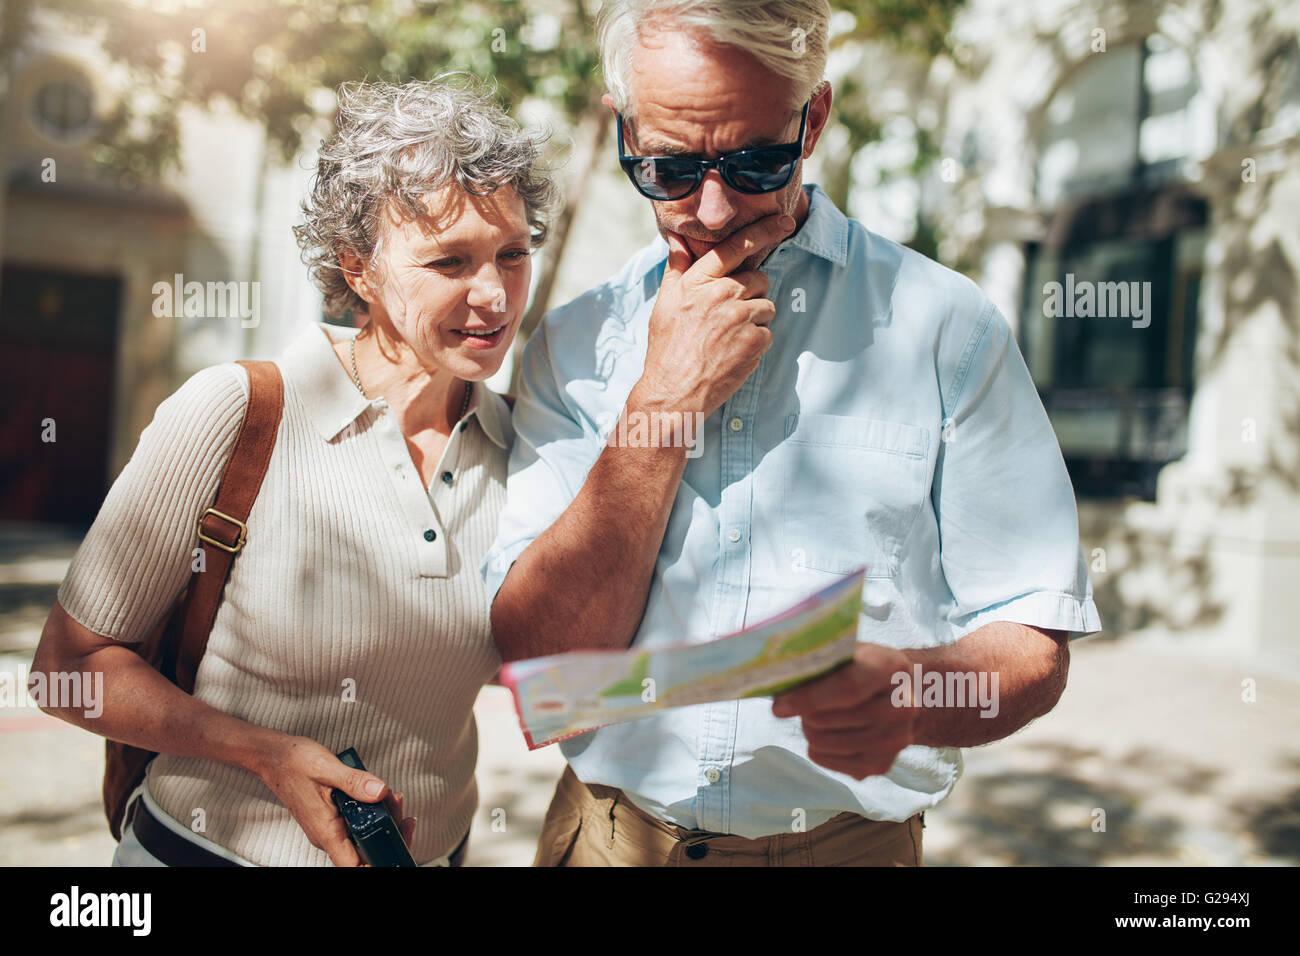 Älteres paar Blick auf eine Karte beim Sightseeing. Paar Reifen Tourist mit Stadtplan auf ihren Urlaub. Stockbild